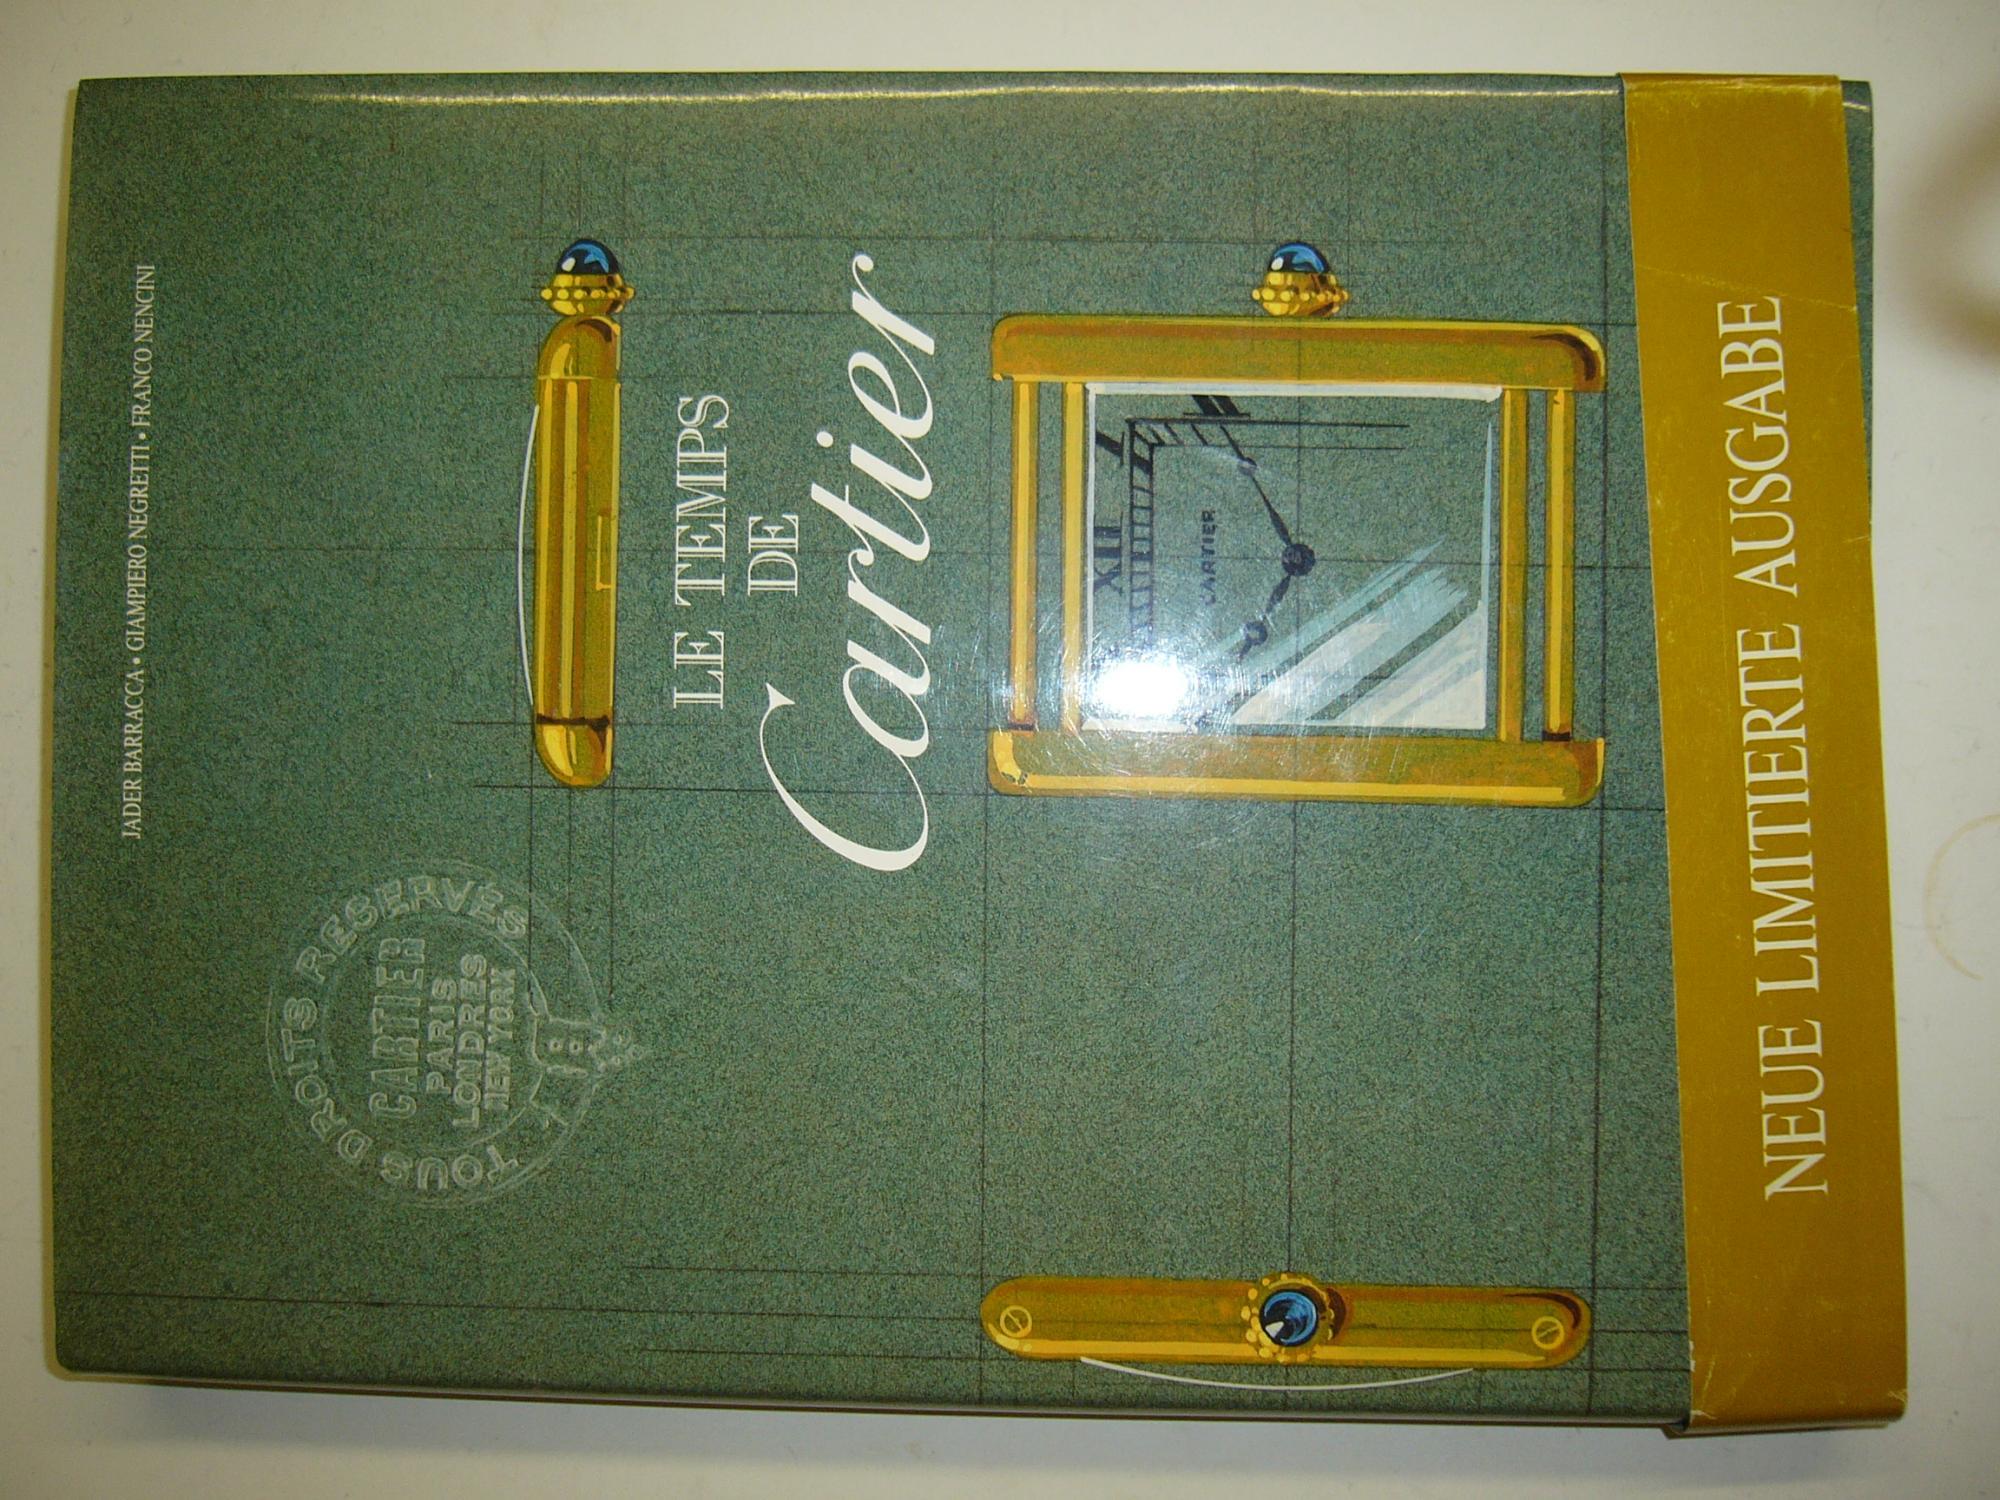 Cartier, Le Temps de. neue limitierte Ausgabe: Barracca, J./ Negretti,